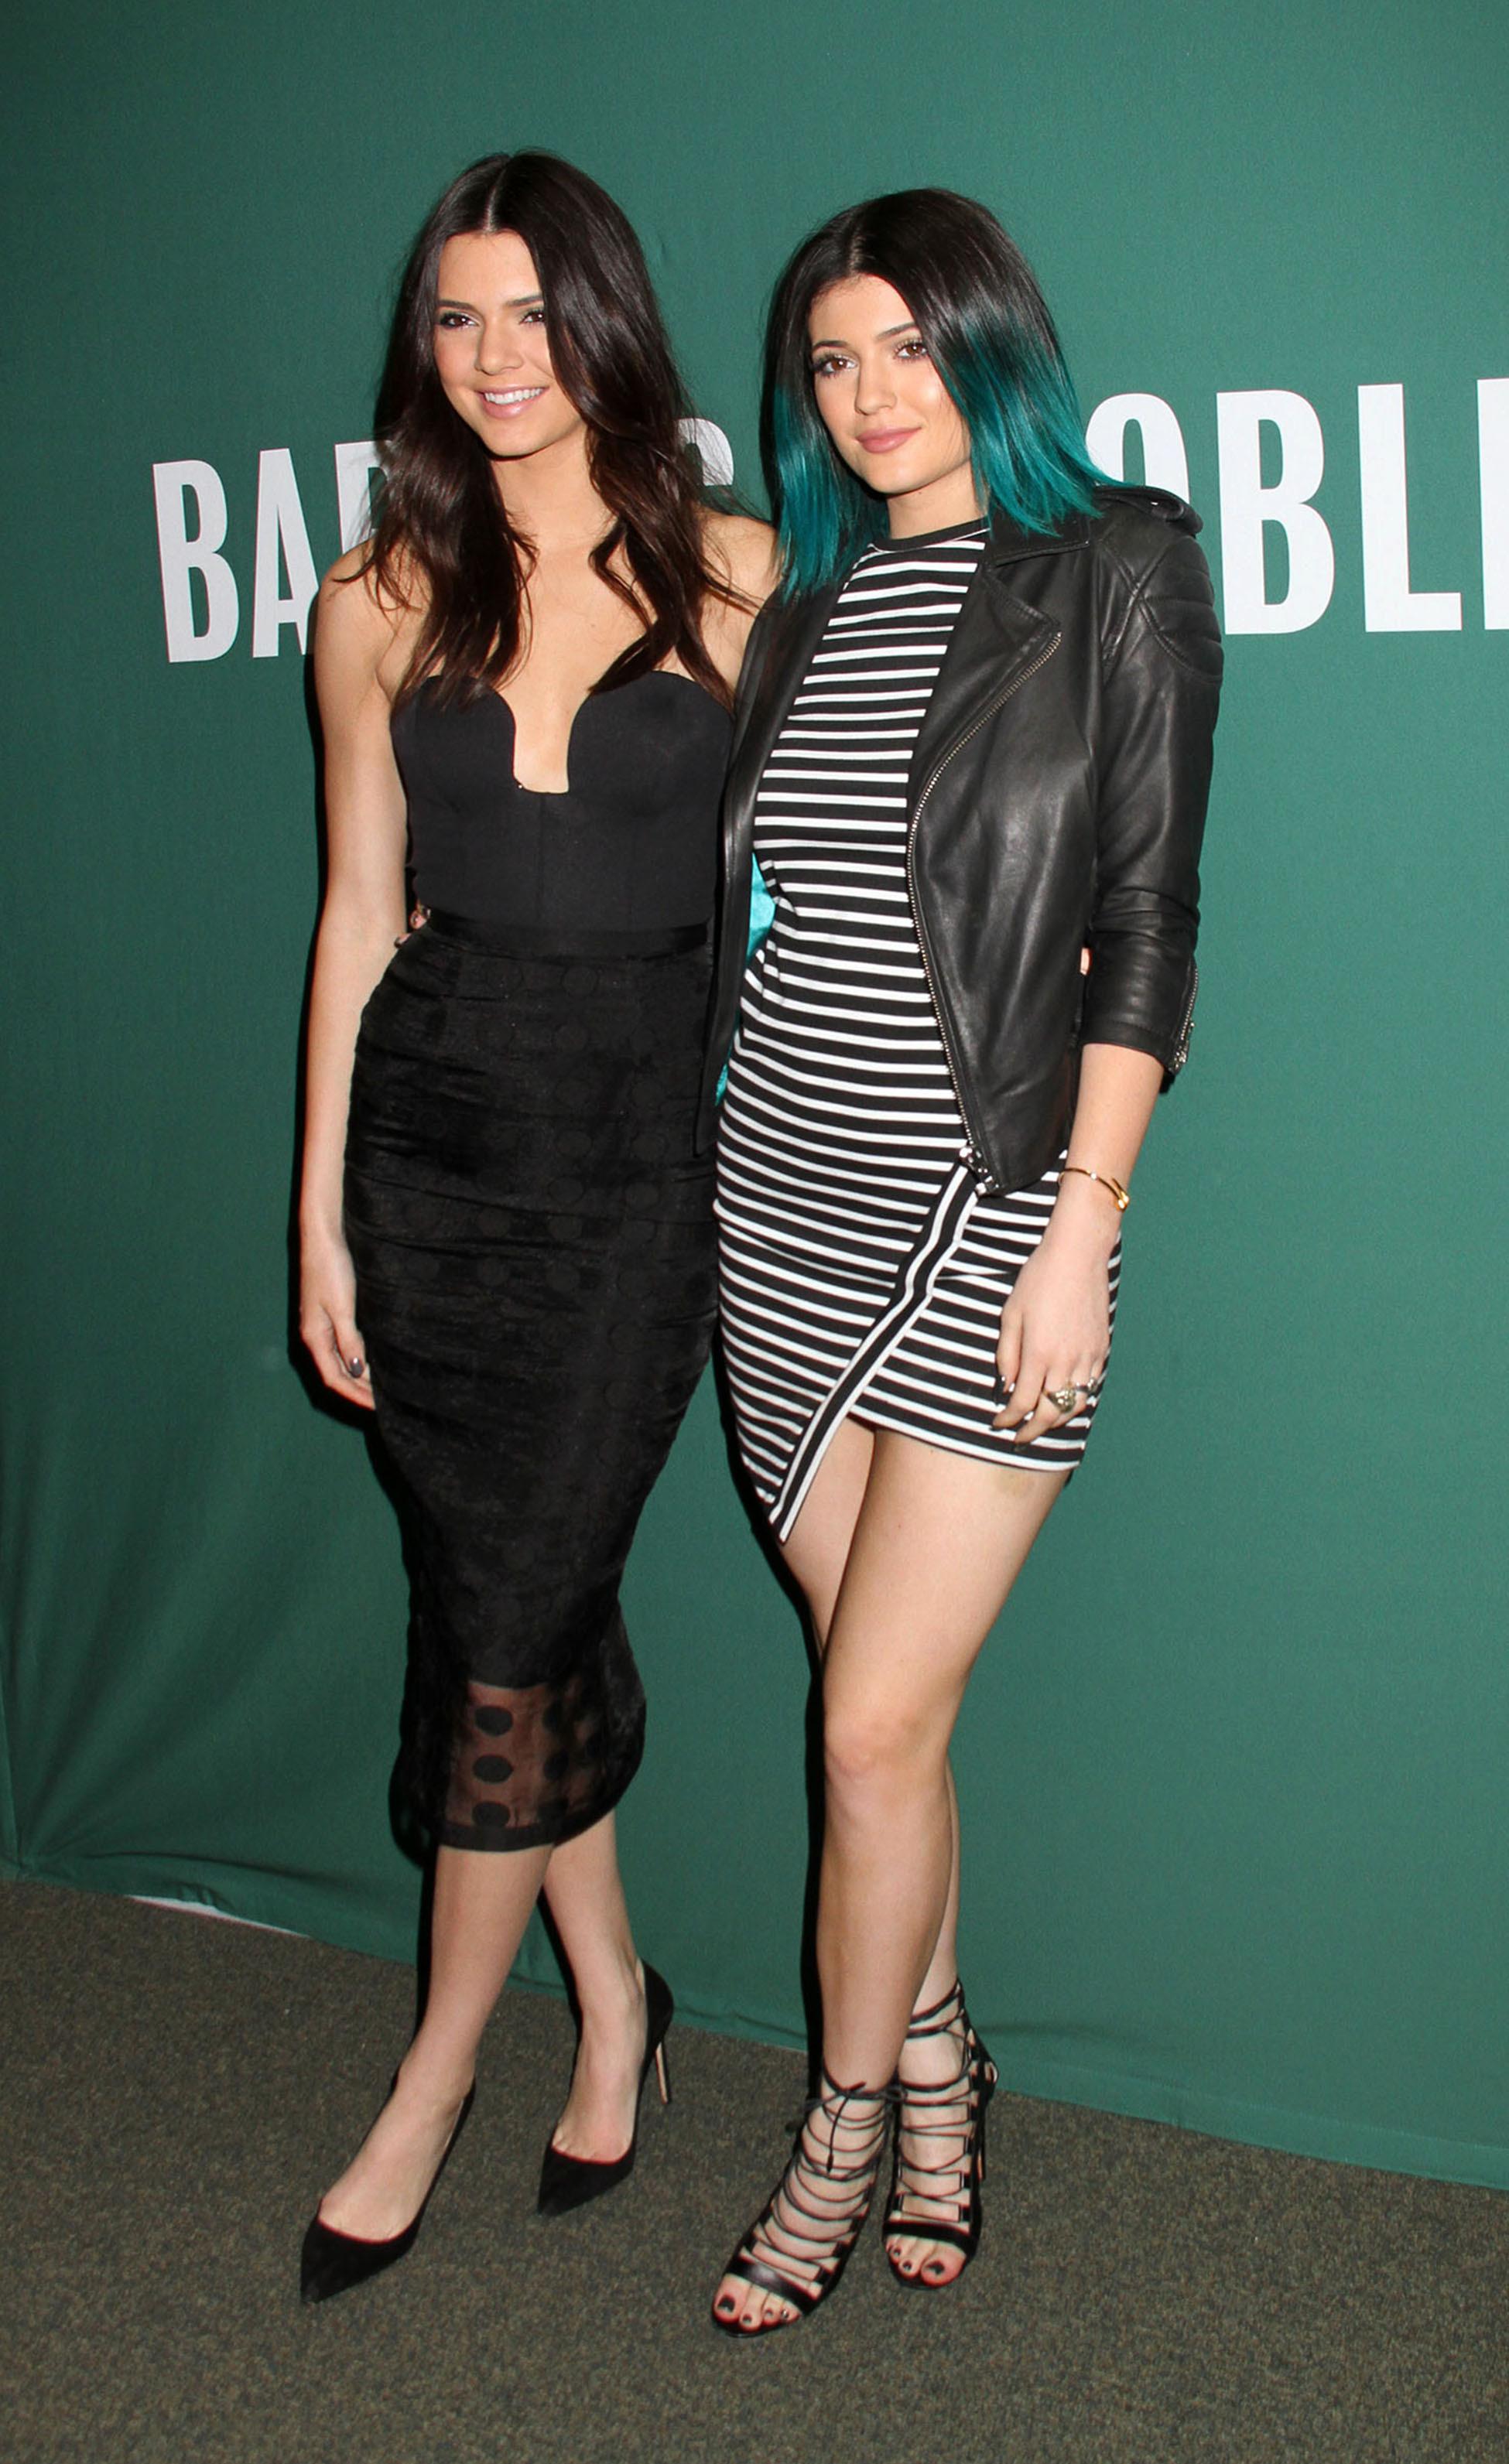 Kendall dan Kylie Jenner Kembali Menulis Buku Berdua